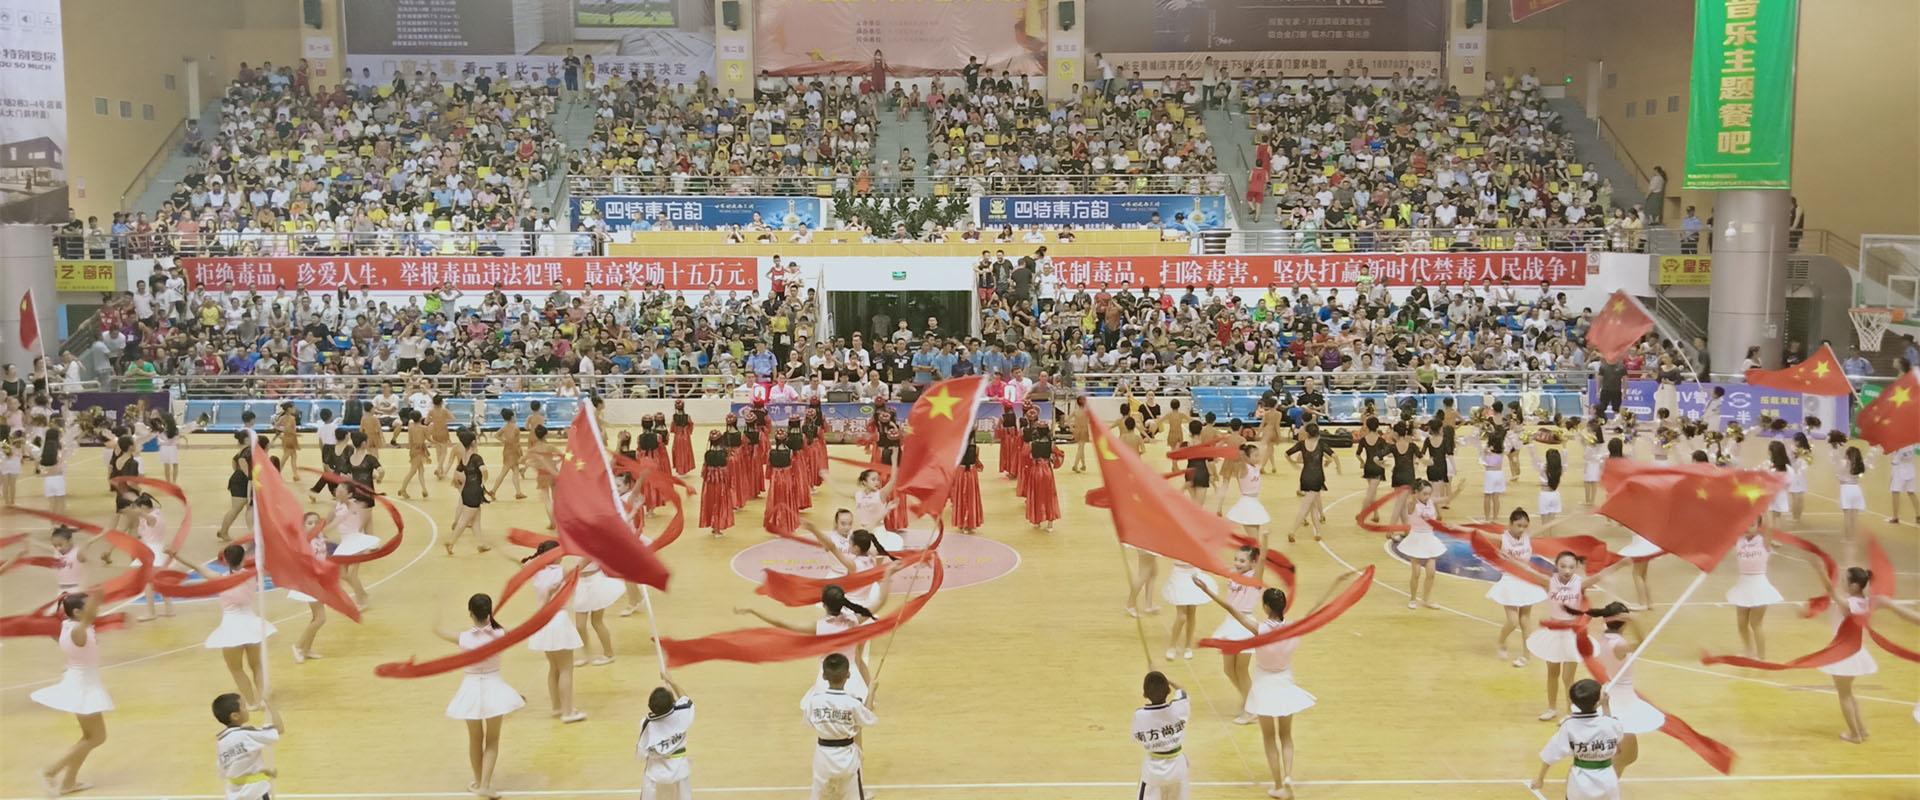 2019年寻乌夏季篮球联赛开幕仪式.jpg